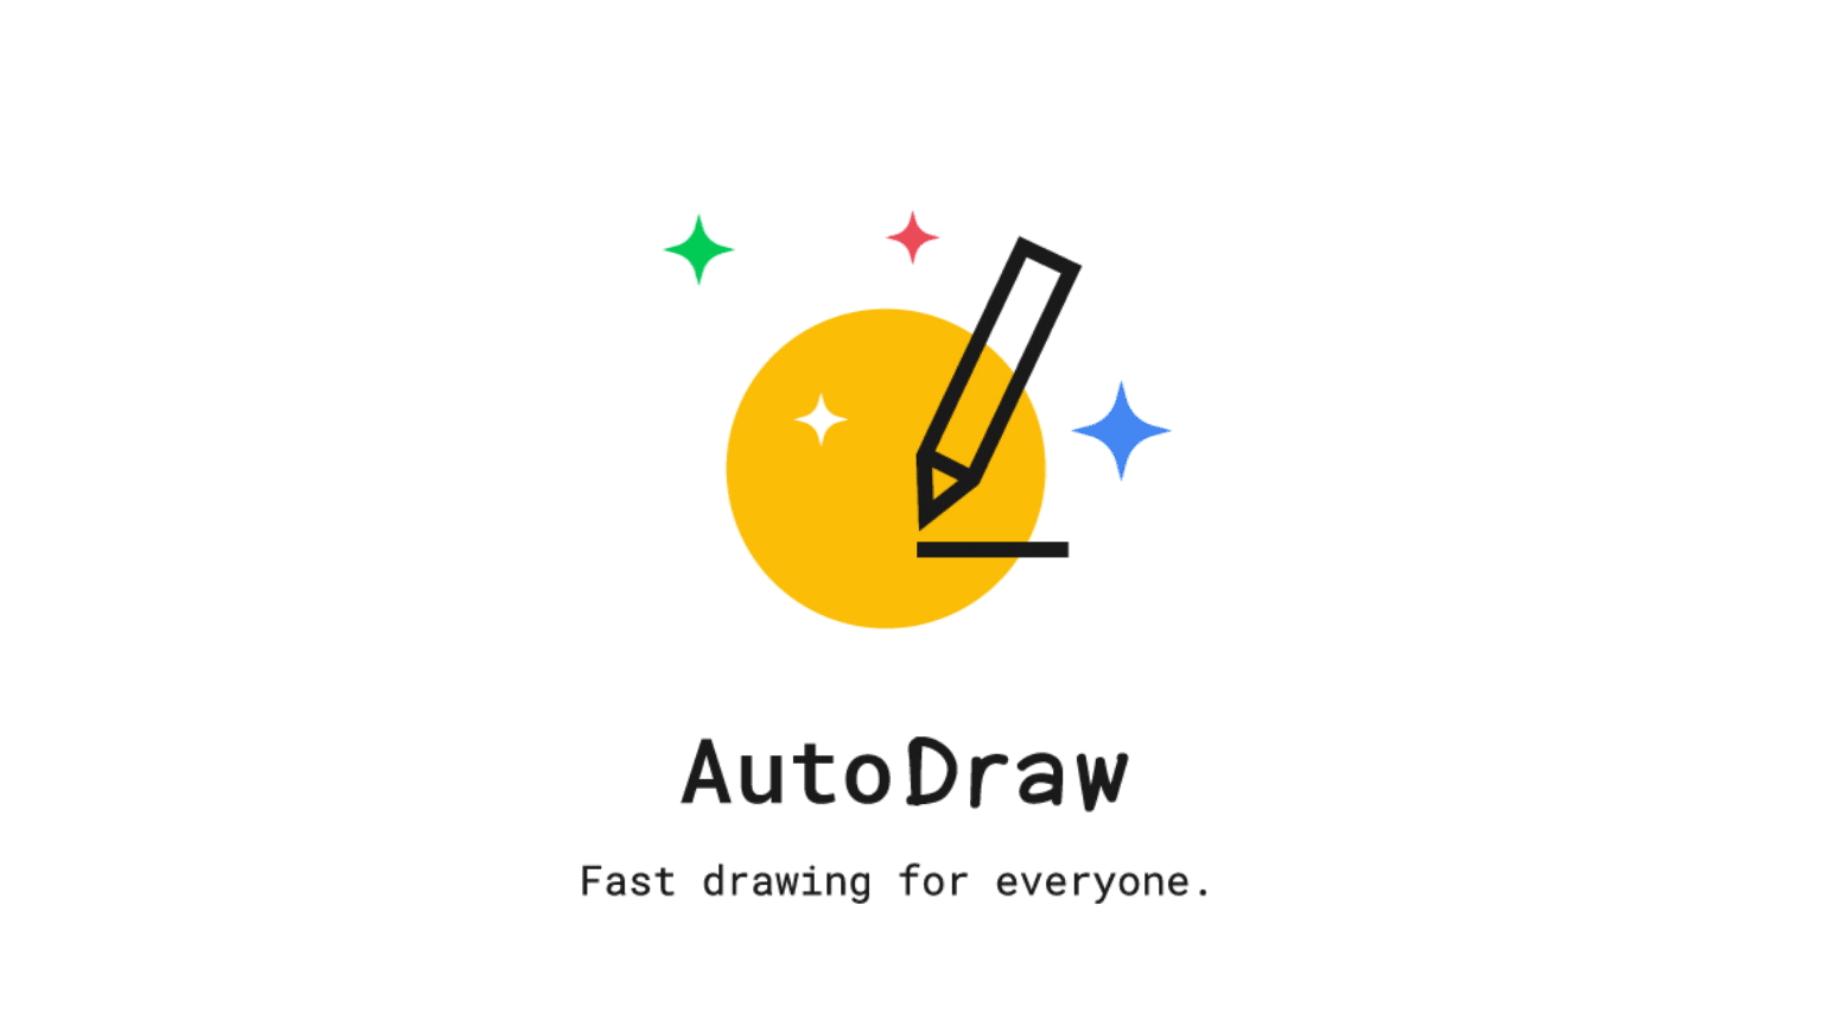 イラスト・挿絵・アイコンなどの作成に使える「AutoDraw」